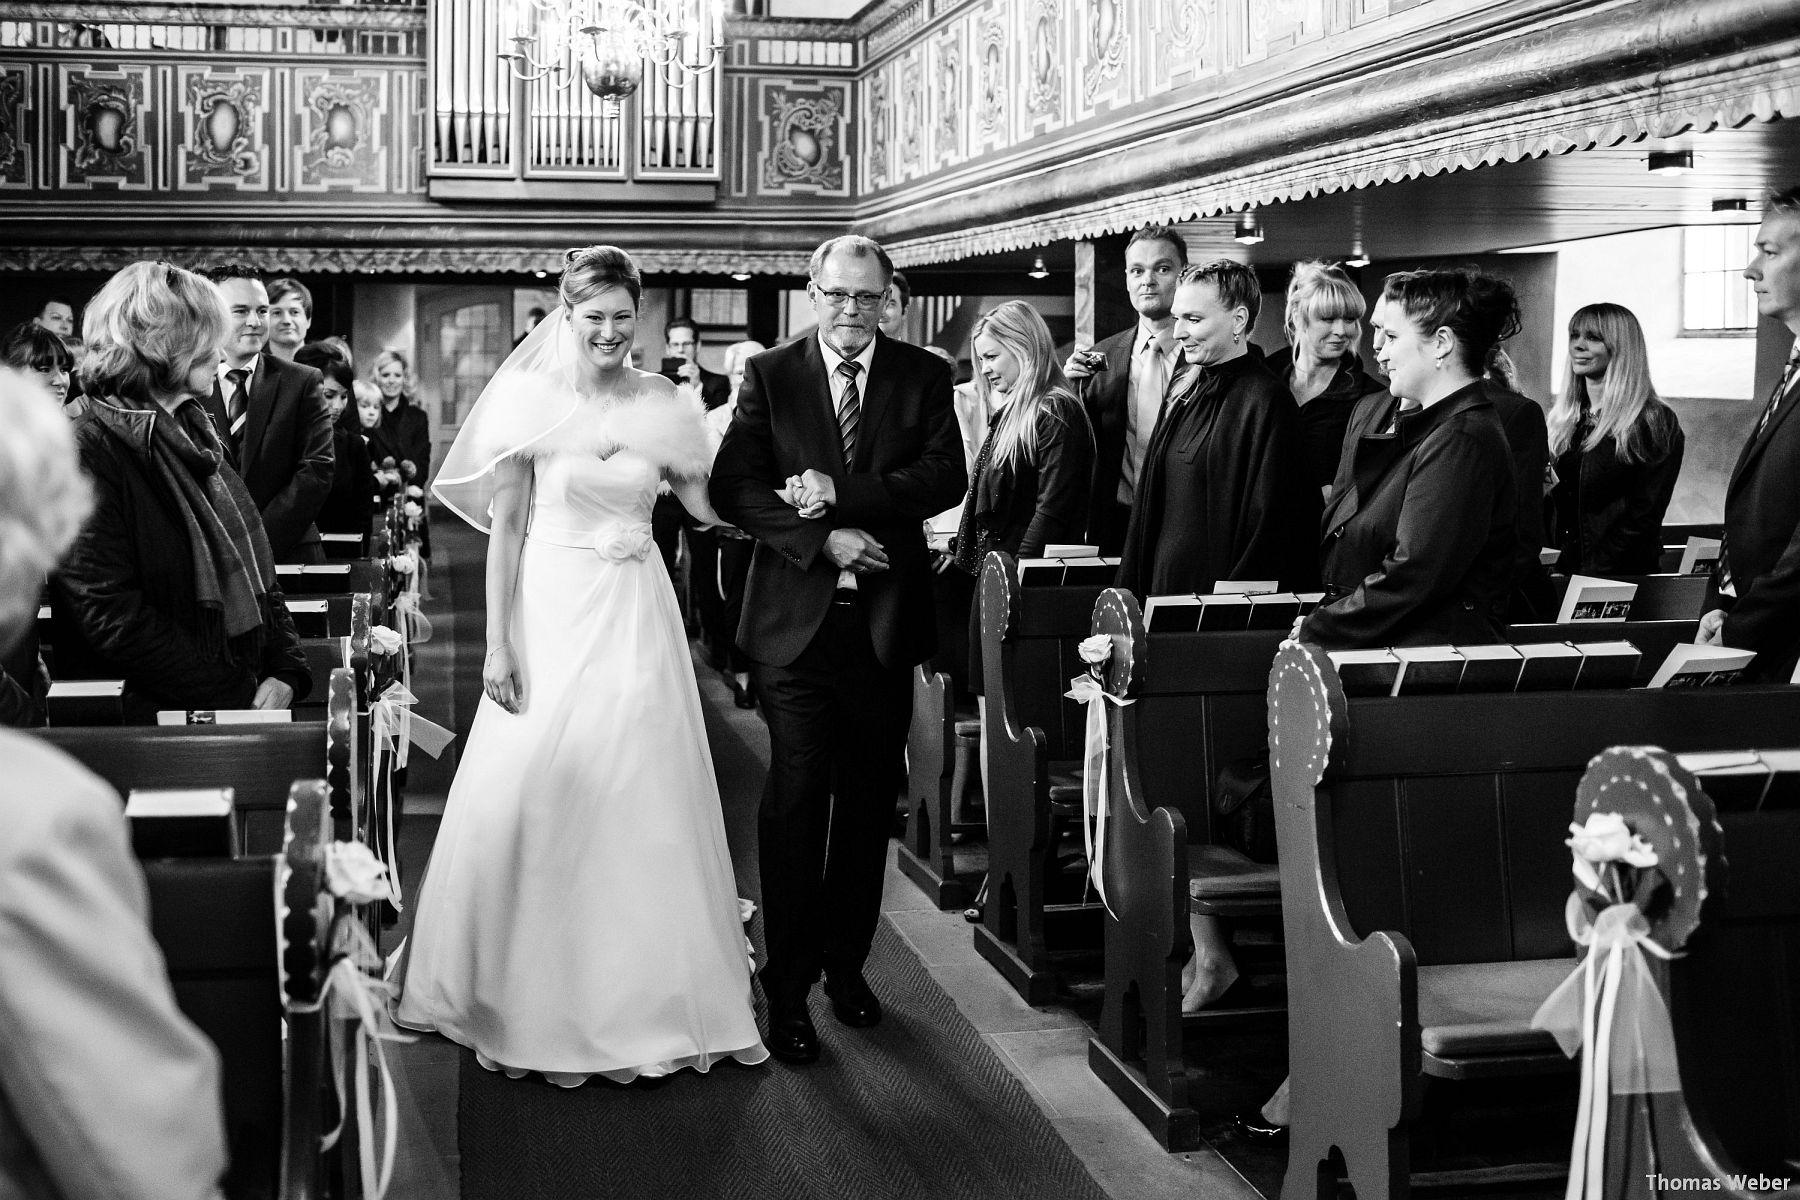 Hochzeitsfotograf Rastede: Kirchliche Trauung in der St. Ulrichs Kirche Rastede und Hochzeitsfeier in der Eventscheune St Georg Rastede mit dem Catering von Michael Niebuhr aus Oldenburg (17)